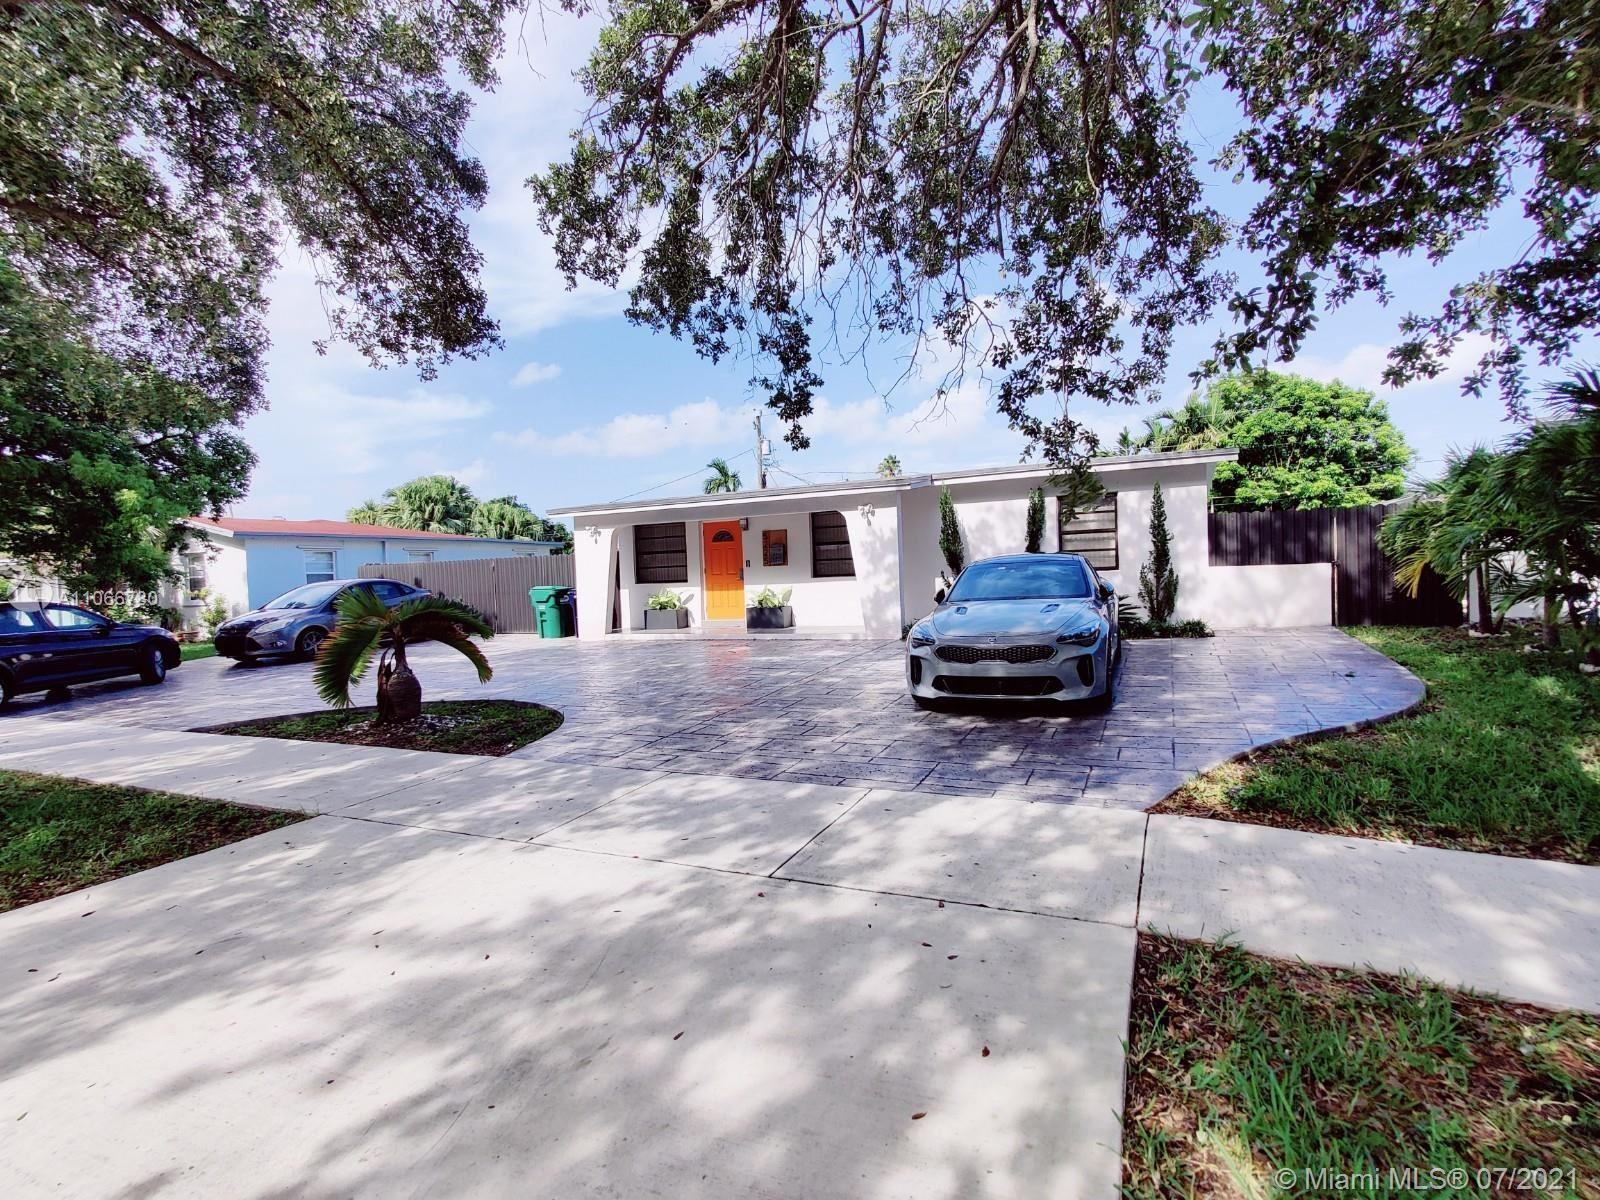 5225 SW 112th Ave, Miami, FL 33165 - #: A11066780